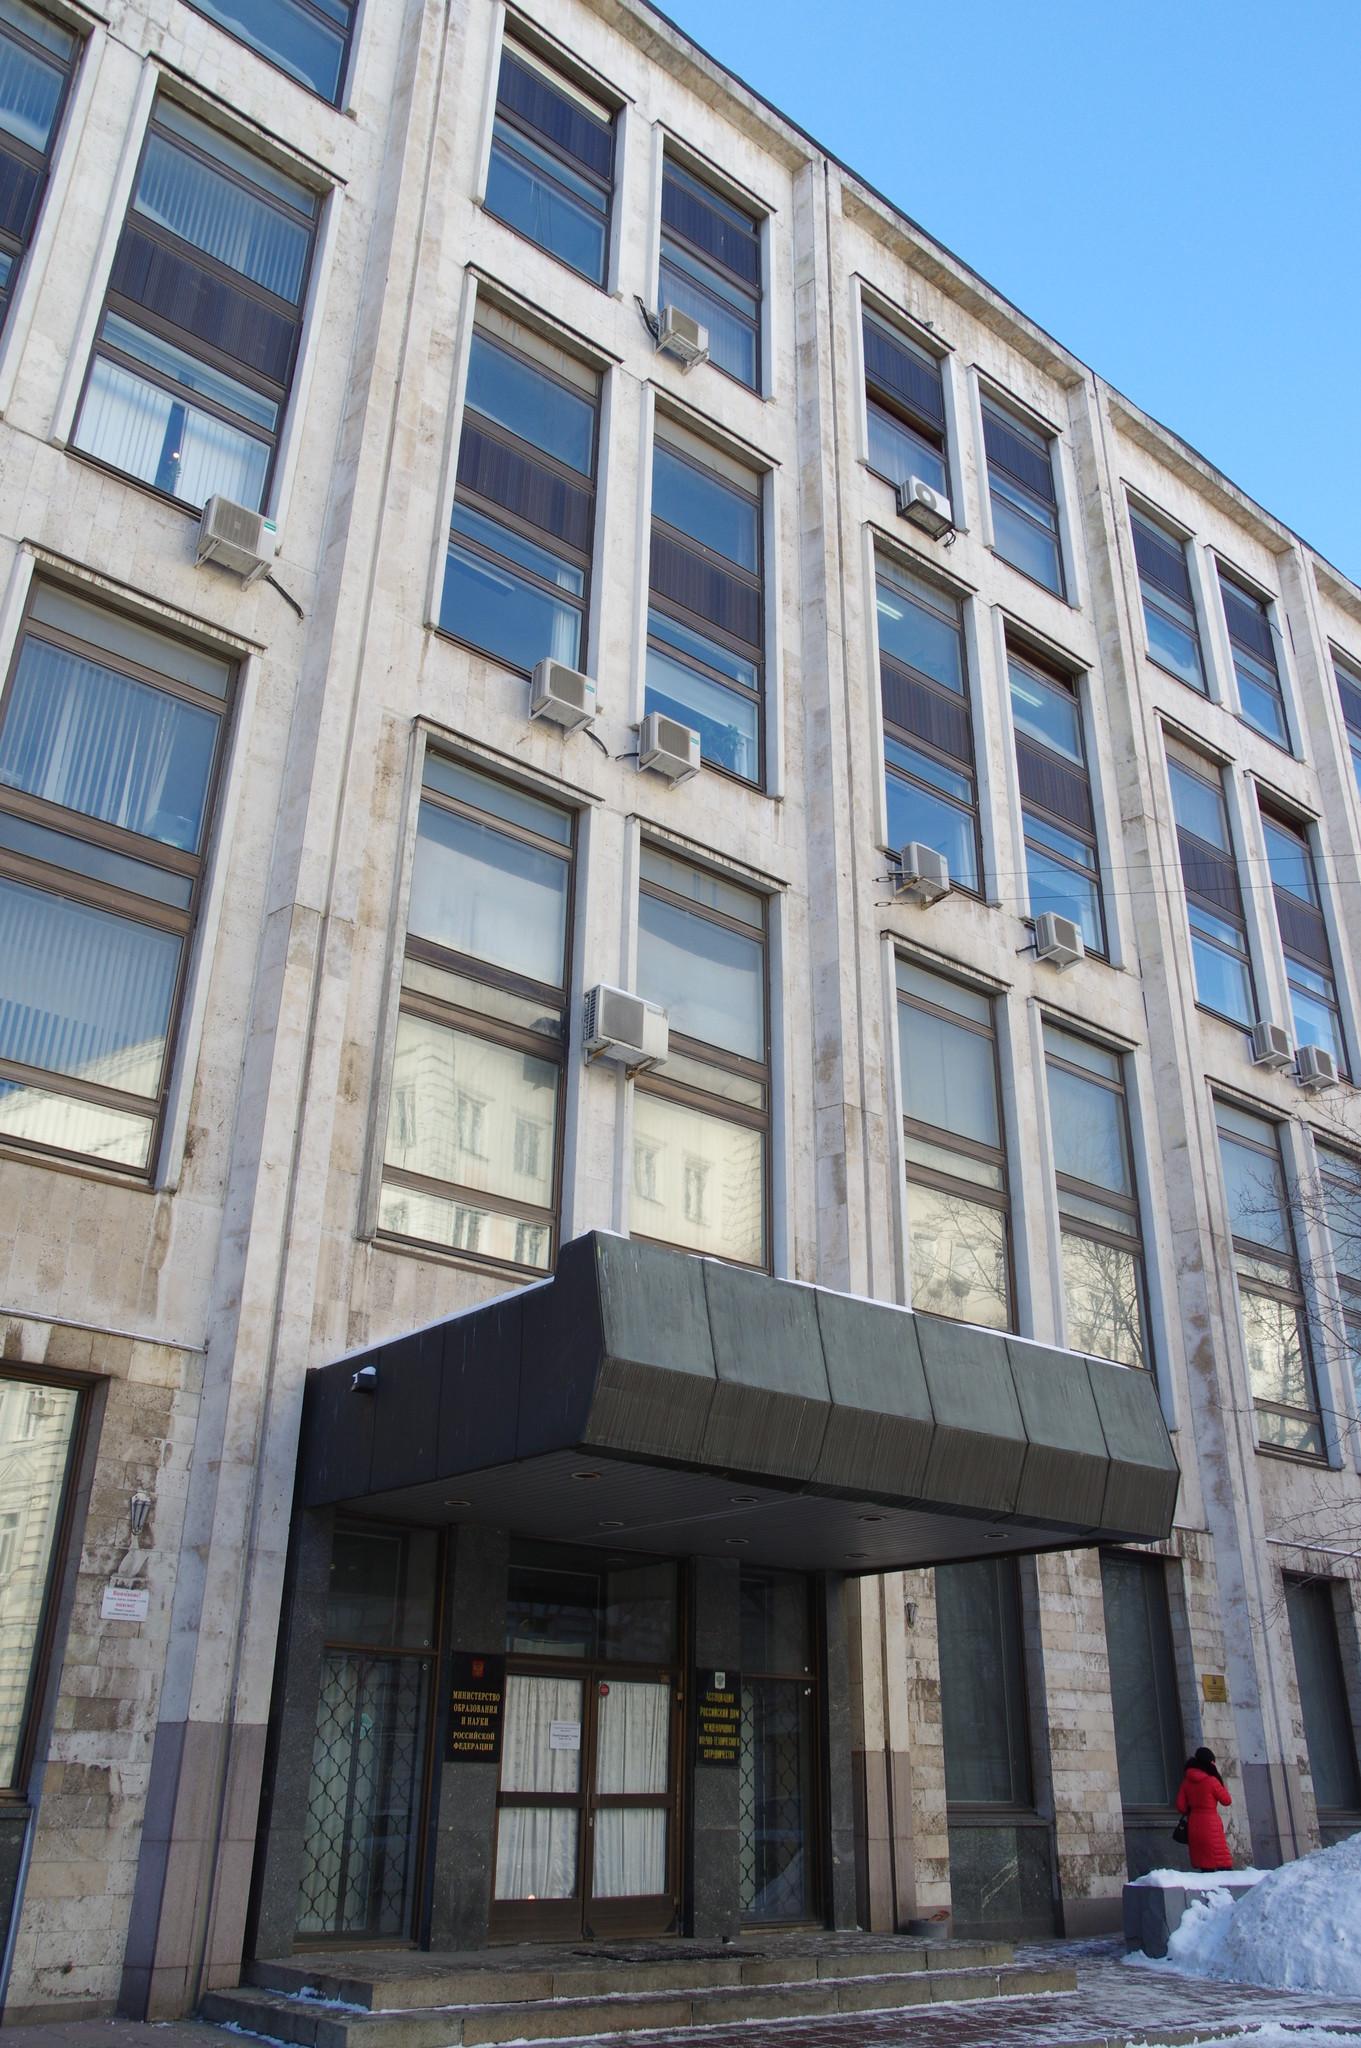 Международный департамент образования Министерства образования и науки Российской Федерации (Брюсов переулок, дом 11, строение 1)